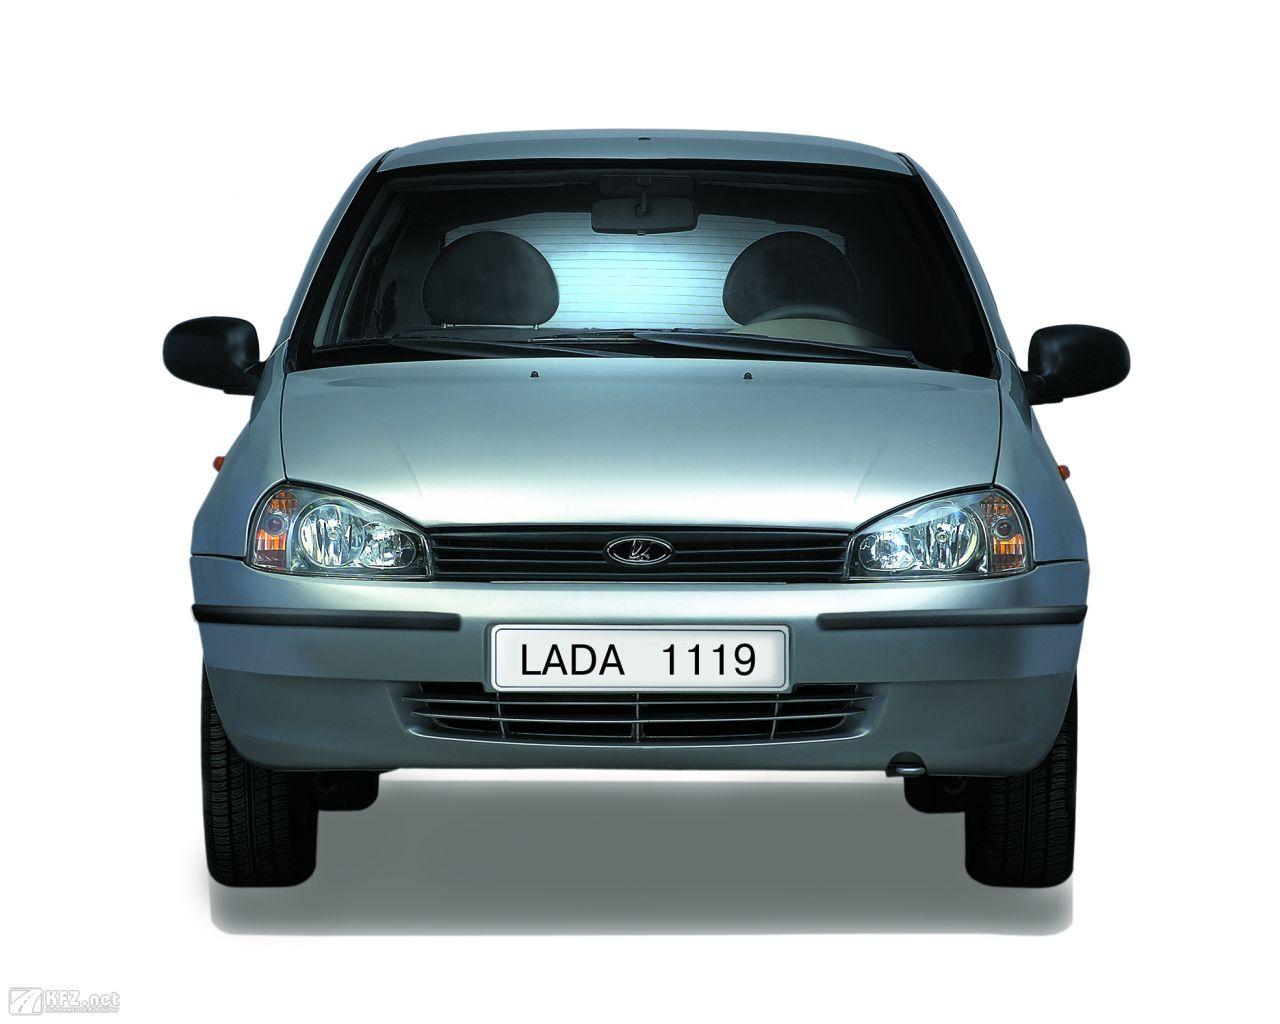 lada-kalina-1119-1280x1024-1